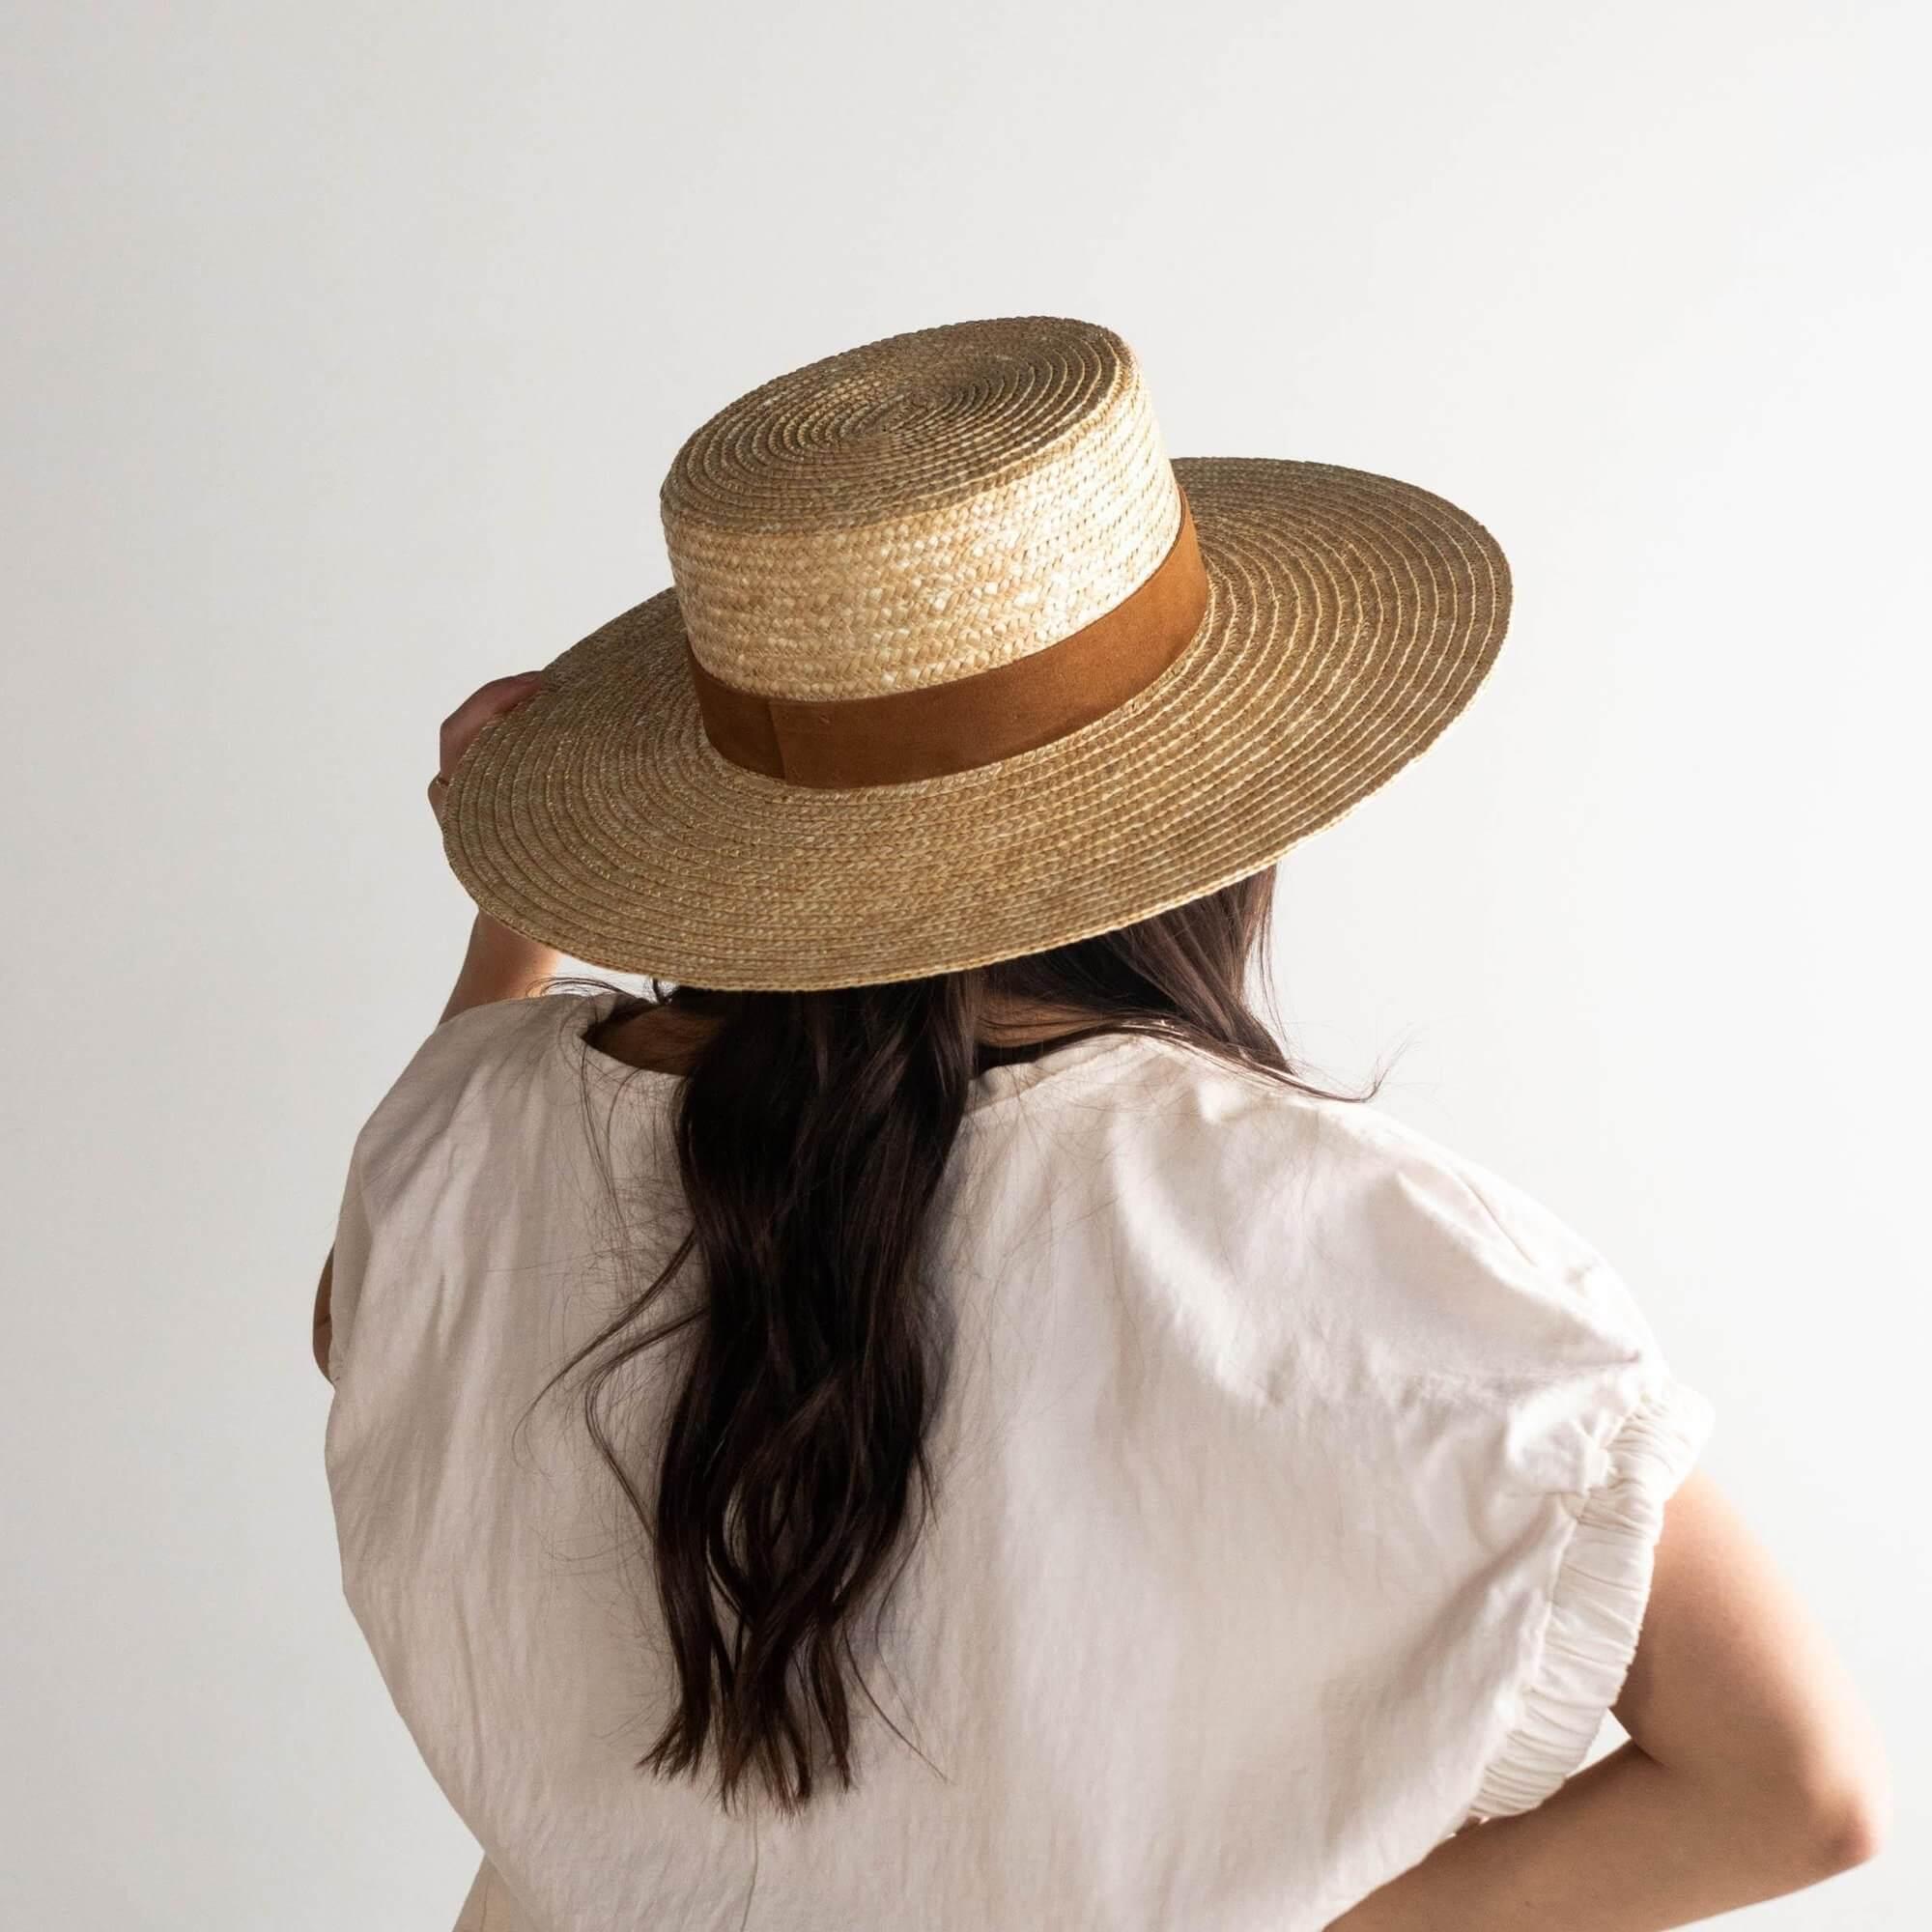 MCM outdoor gardening straw hat